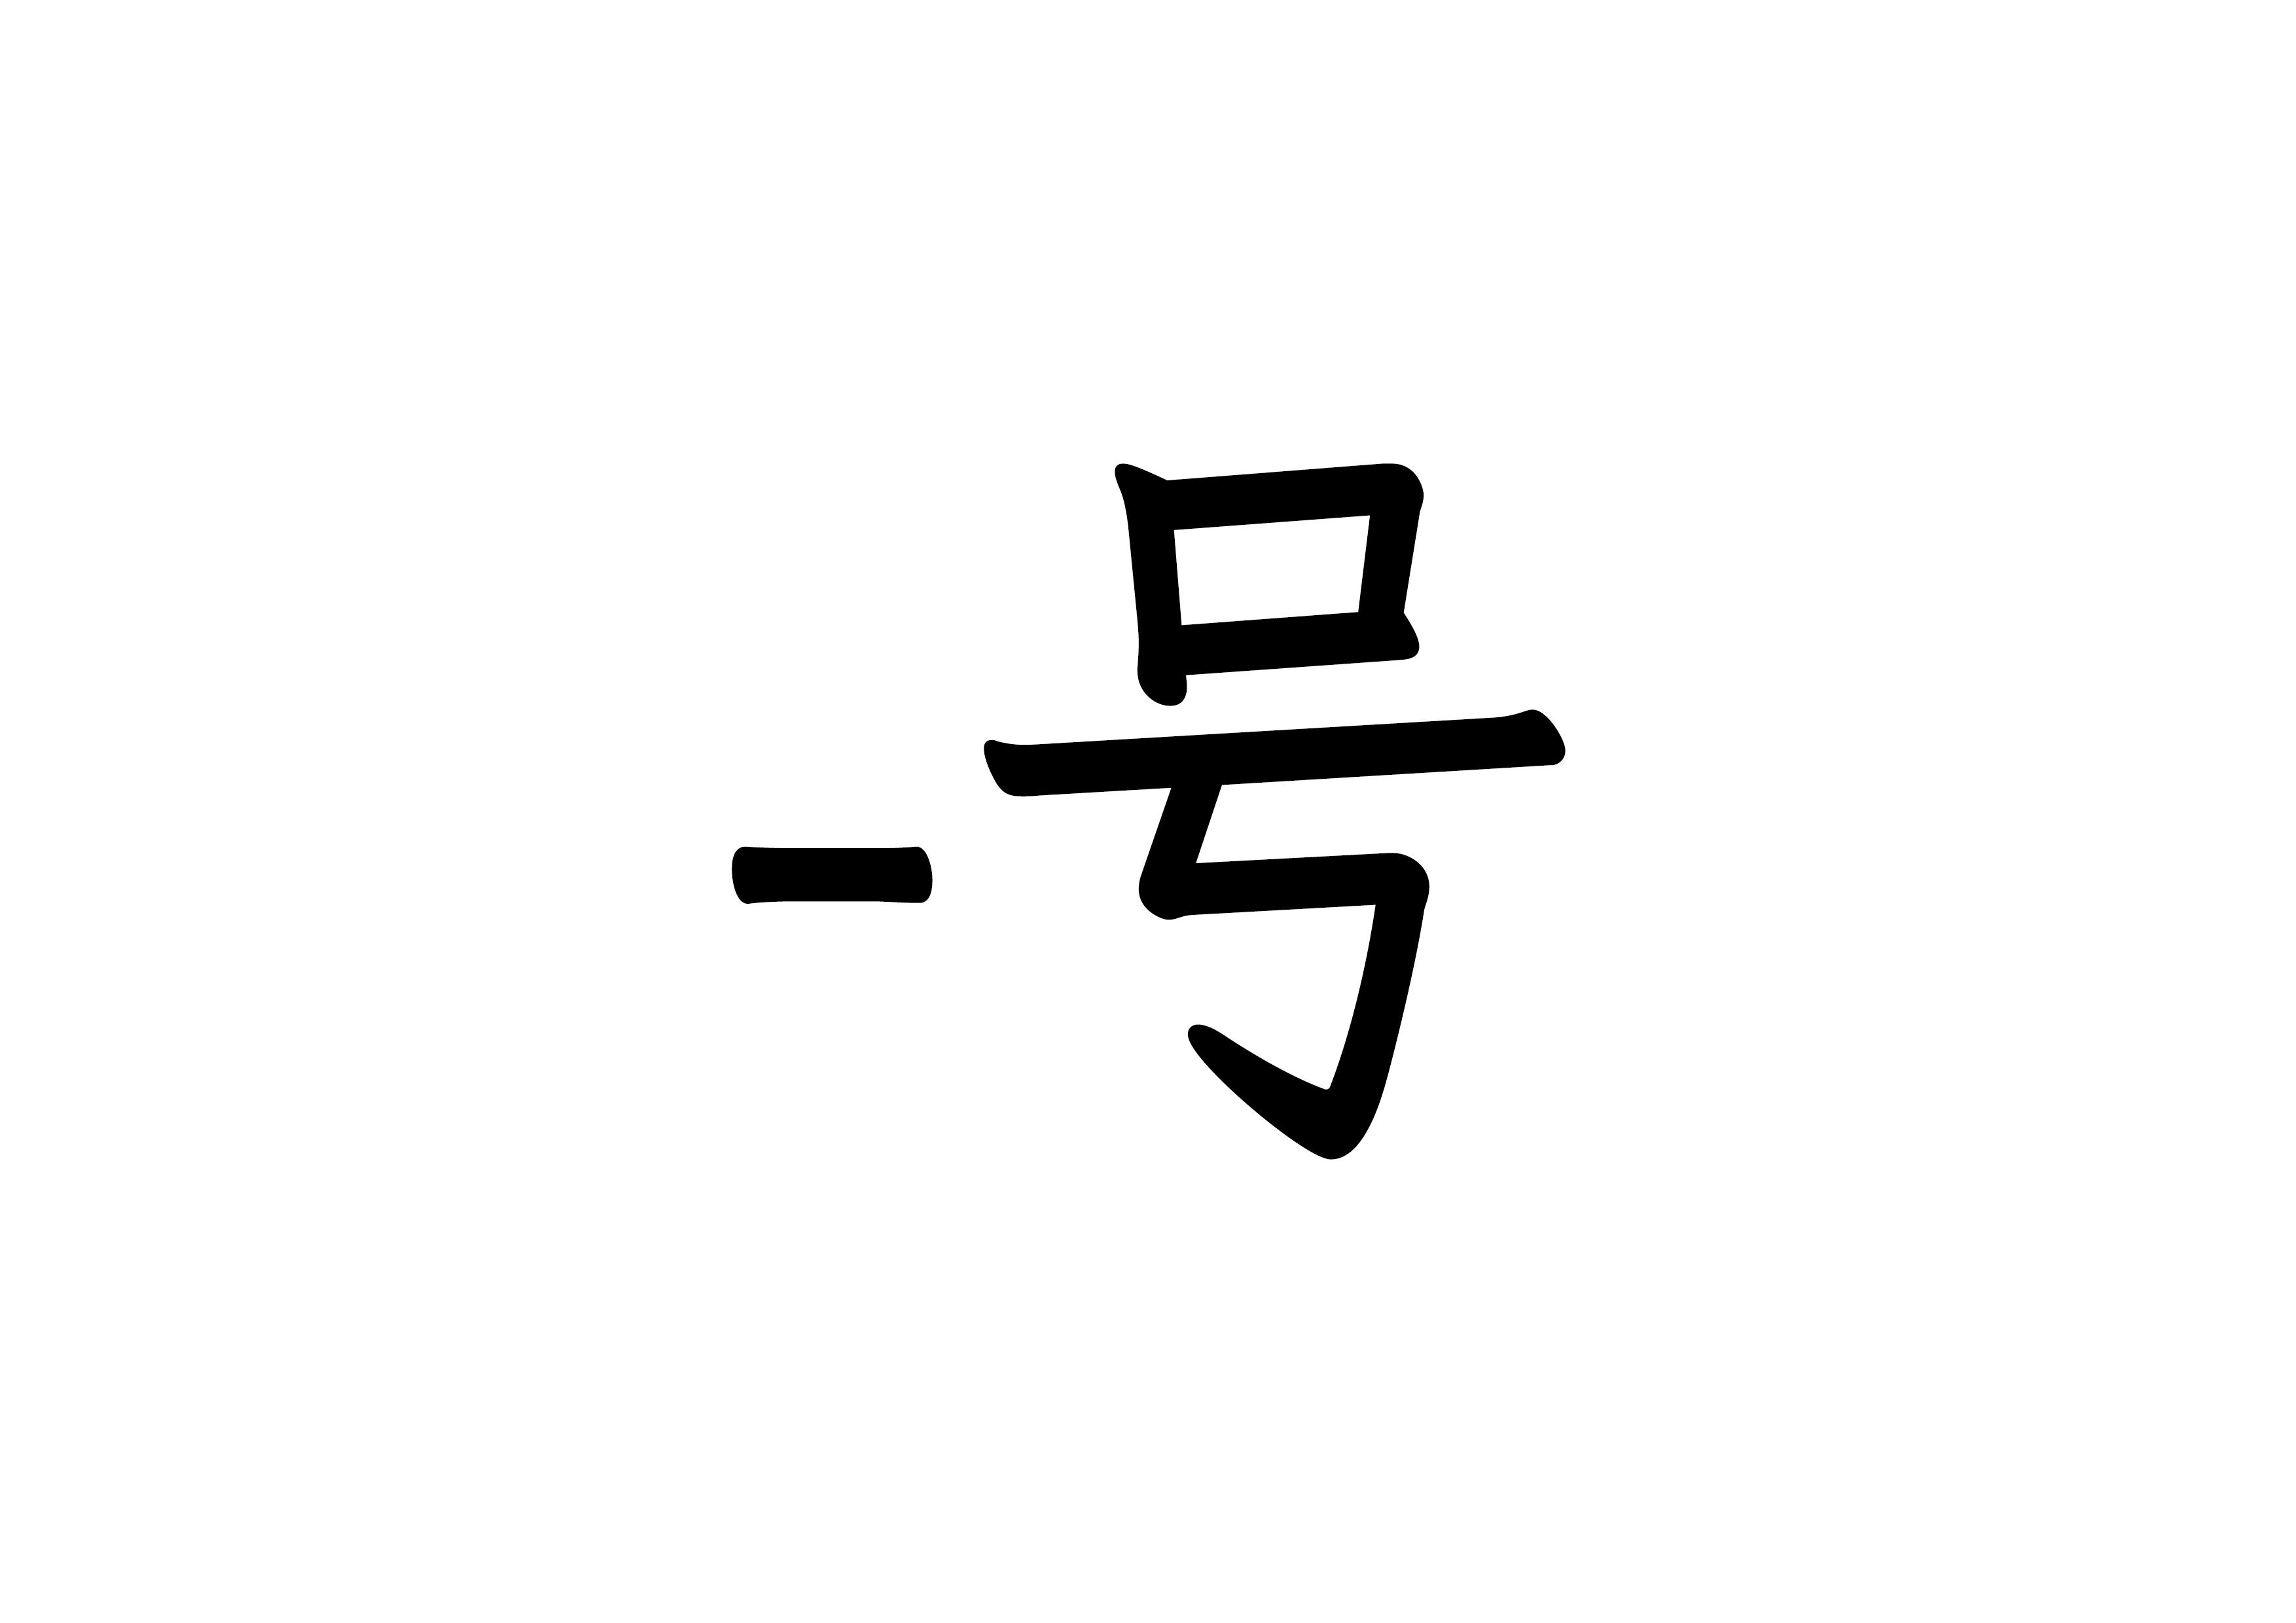 31課文字カード【-号】